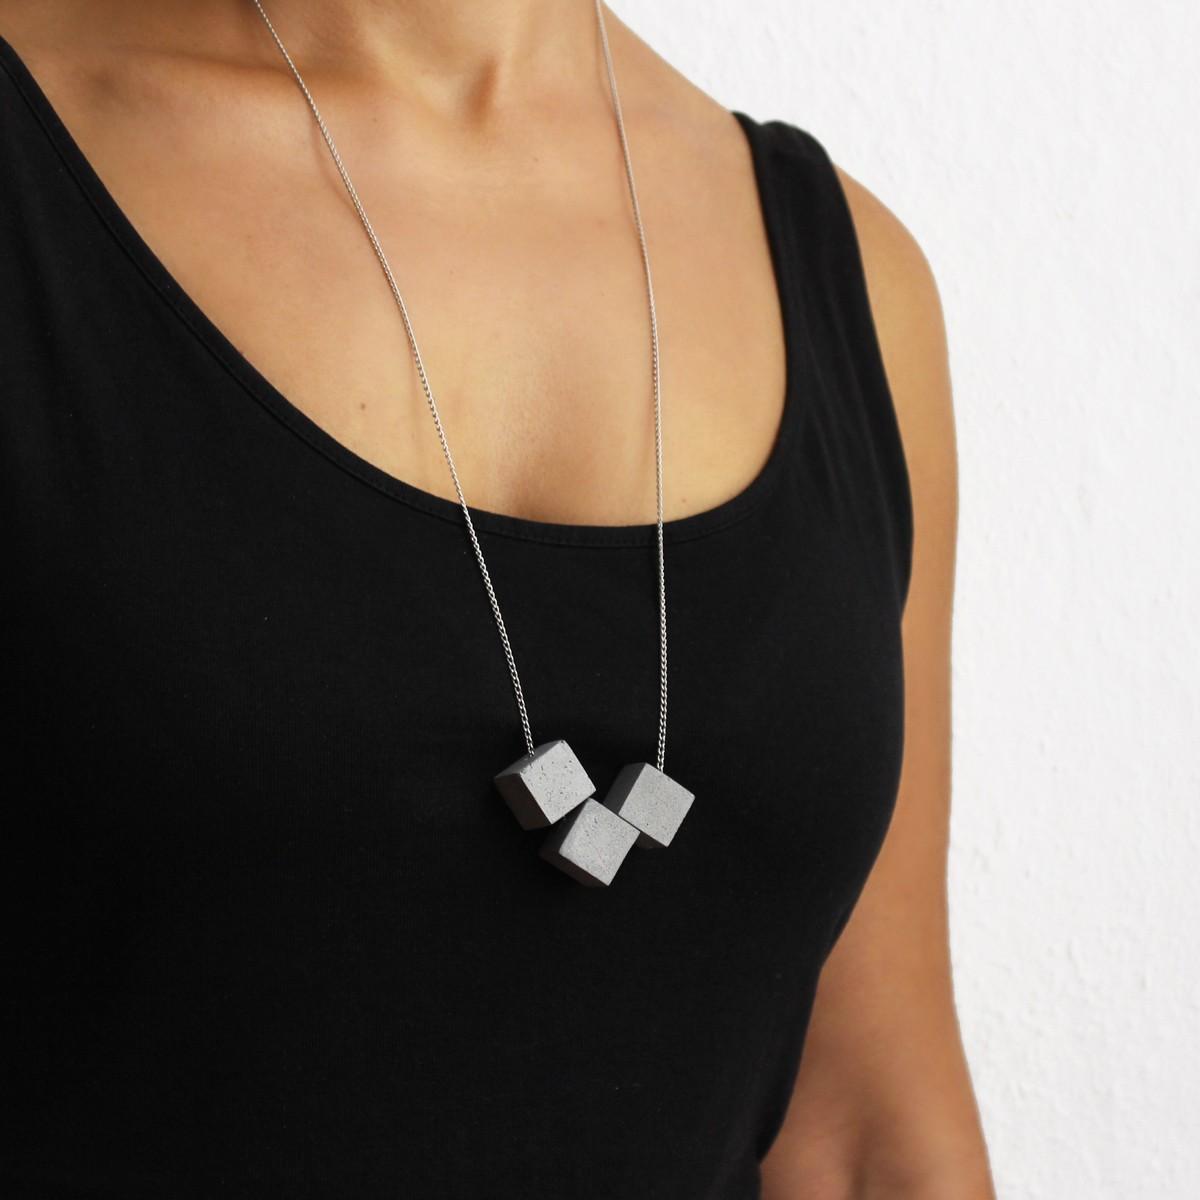 Beton Kette 3CB, Silber Gliederkette, Beton Schmuck, moderner und minimalisticher Zement Schmuck, Architekten Geschenk, ORTOGONALE